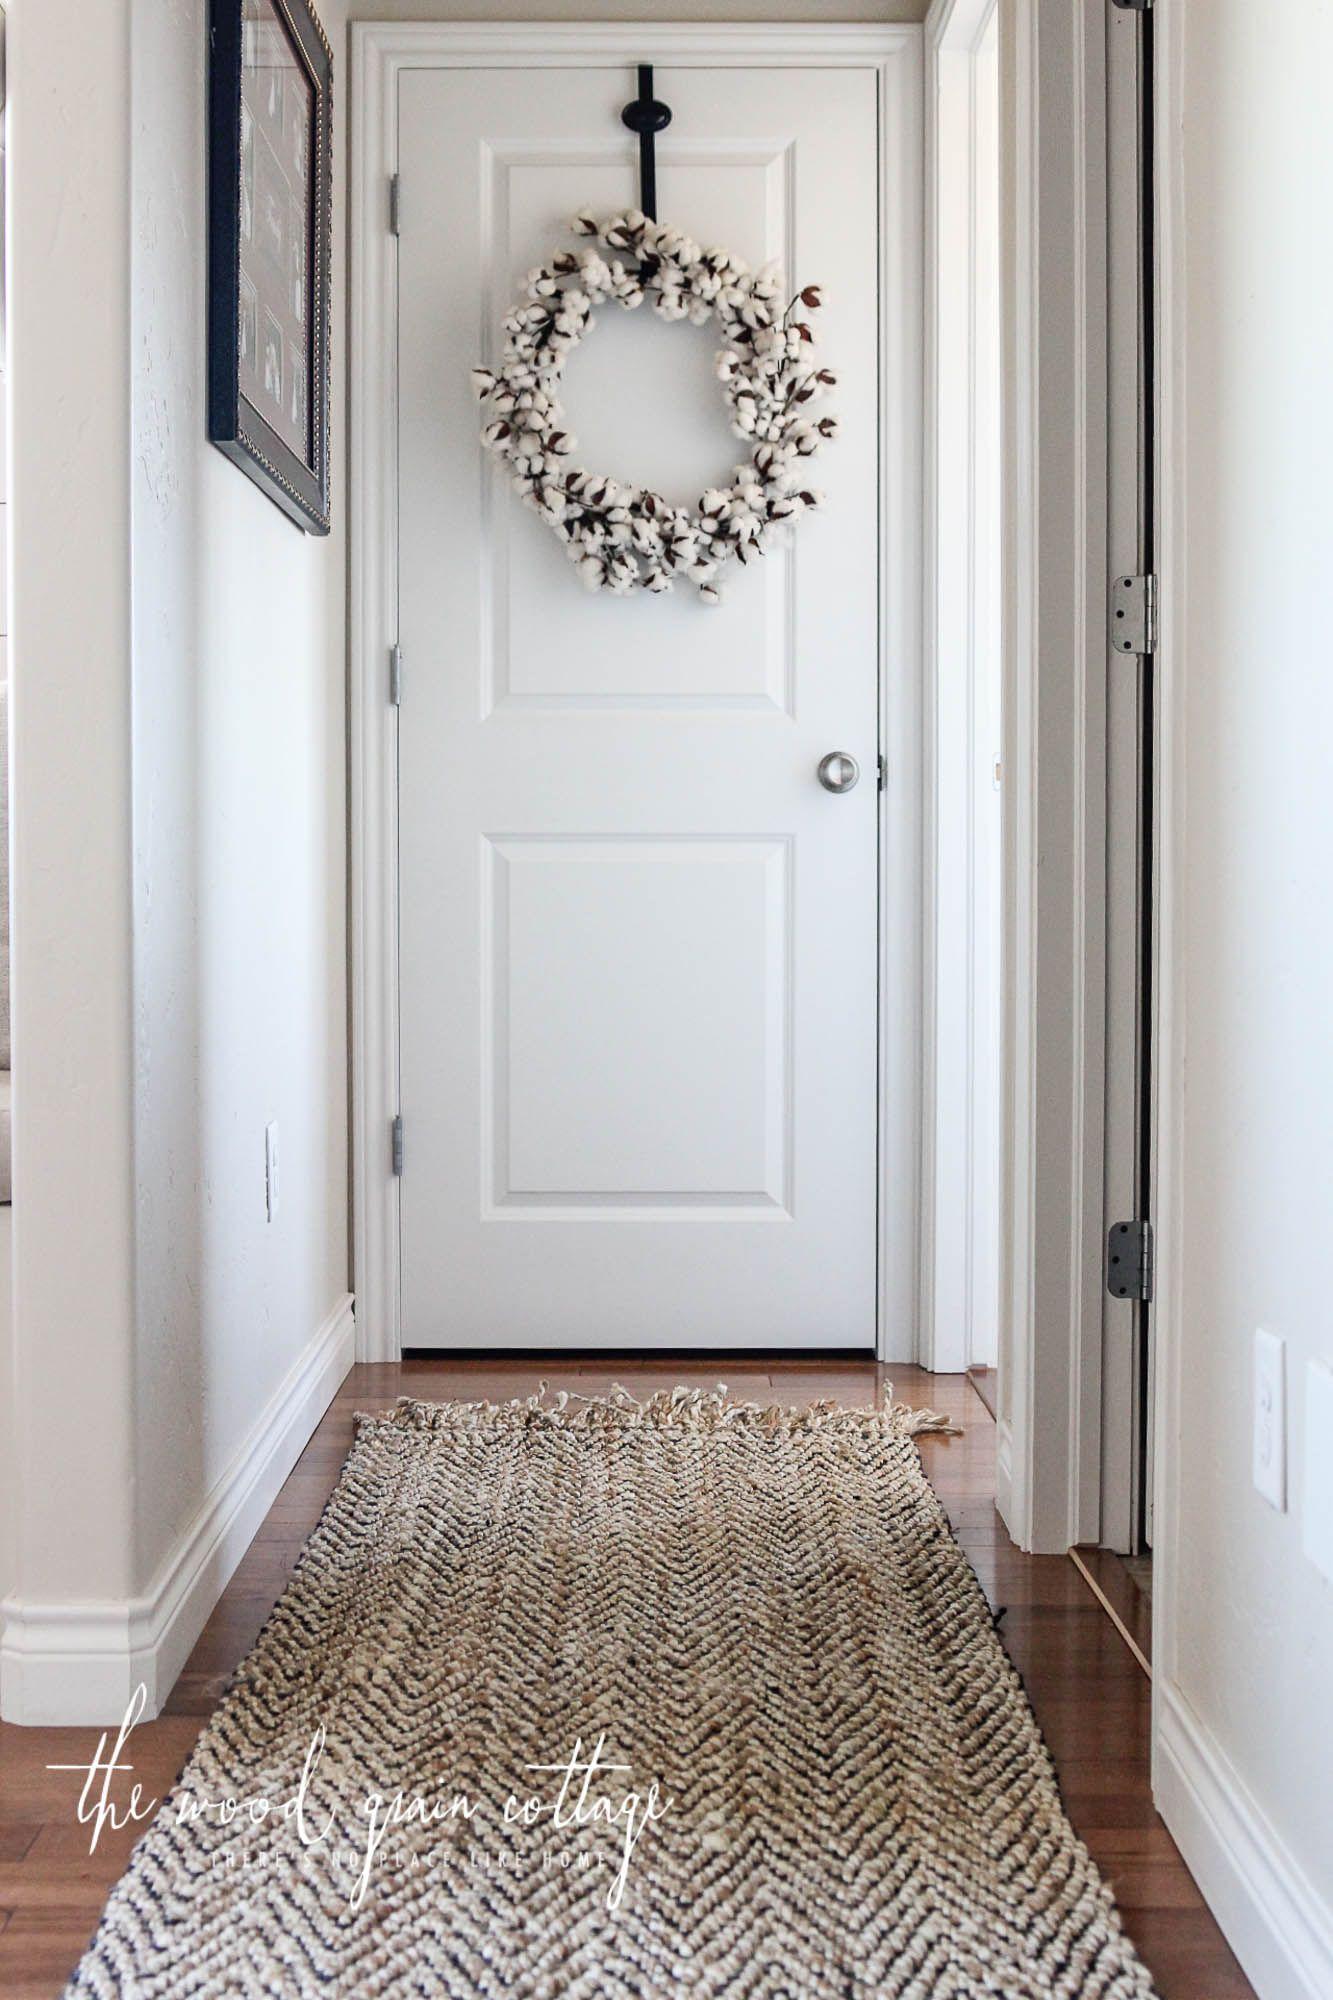 New Hallway Rug Entryway Rug Hallway Rug Home Decor